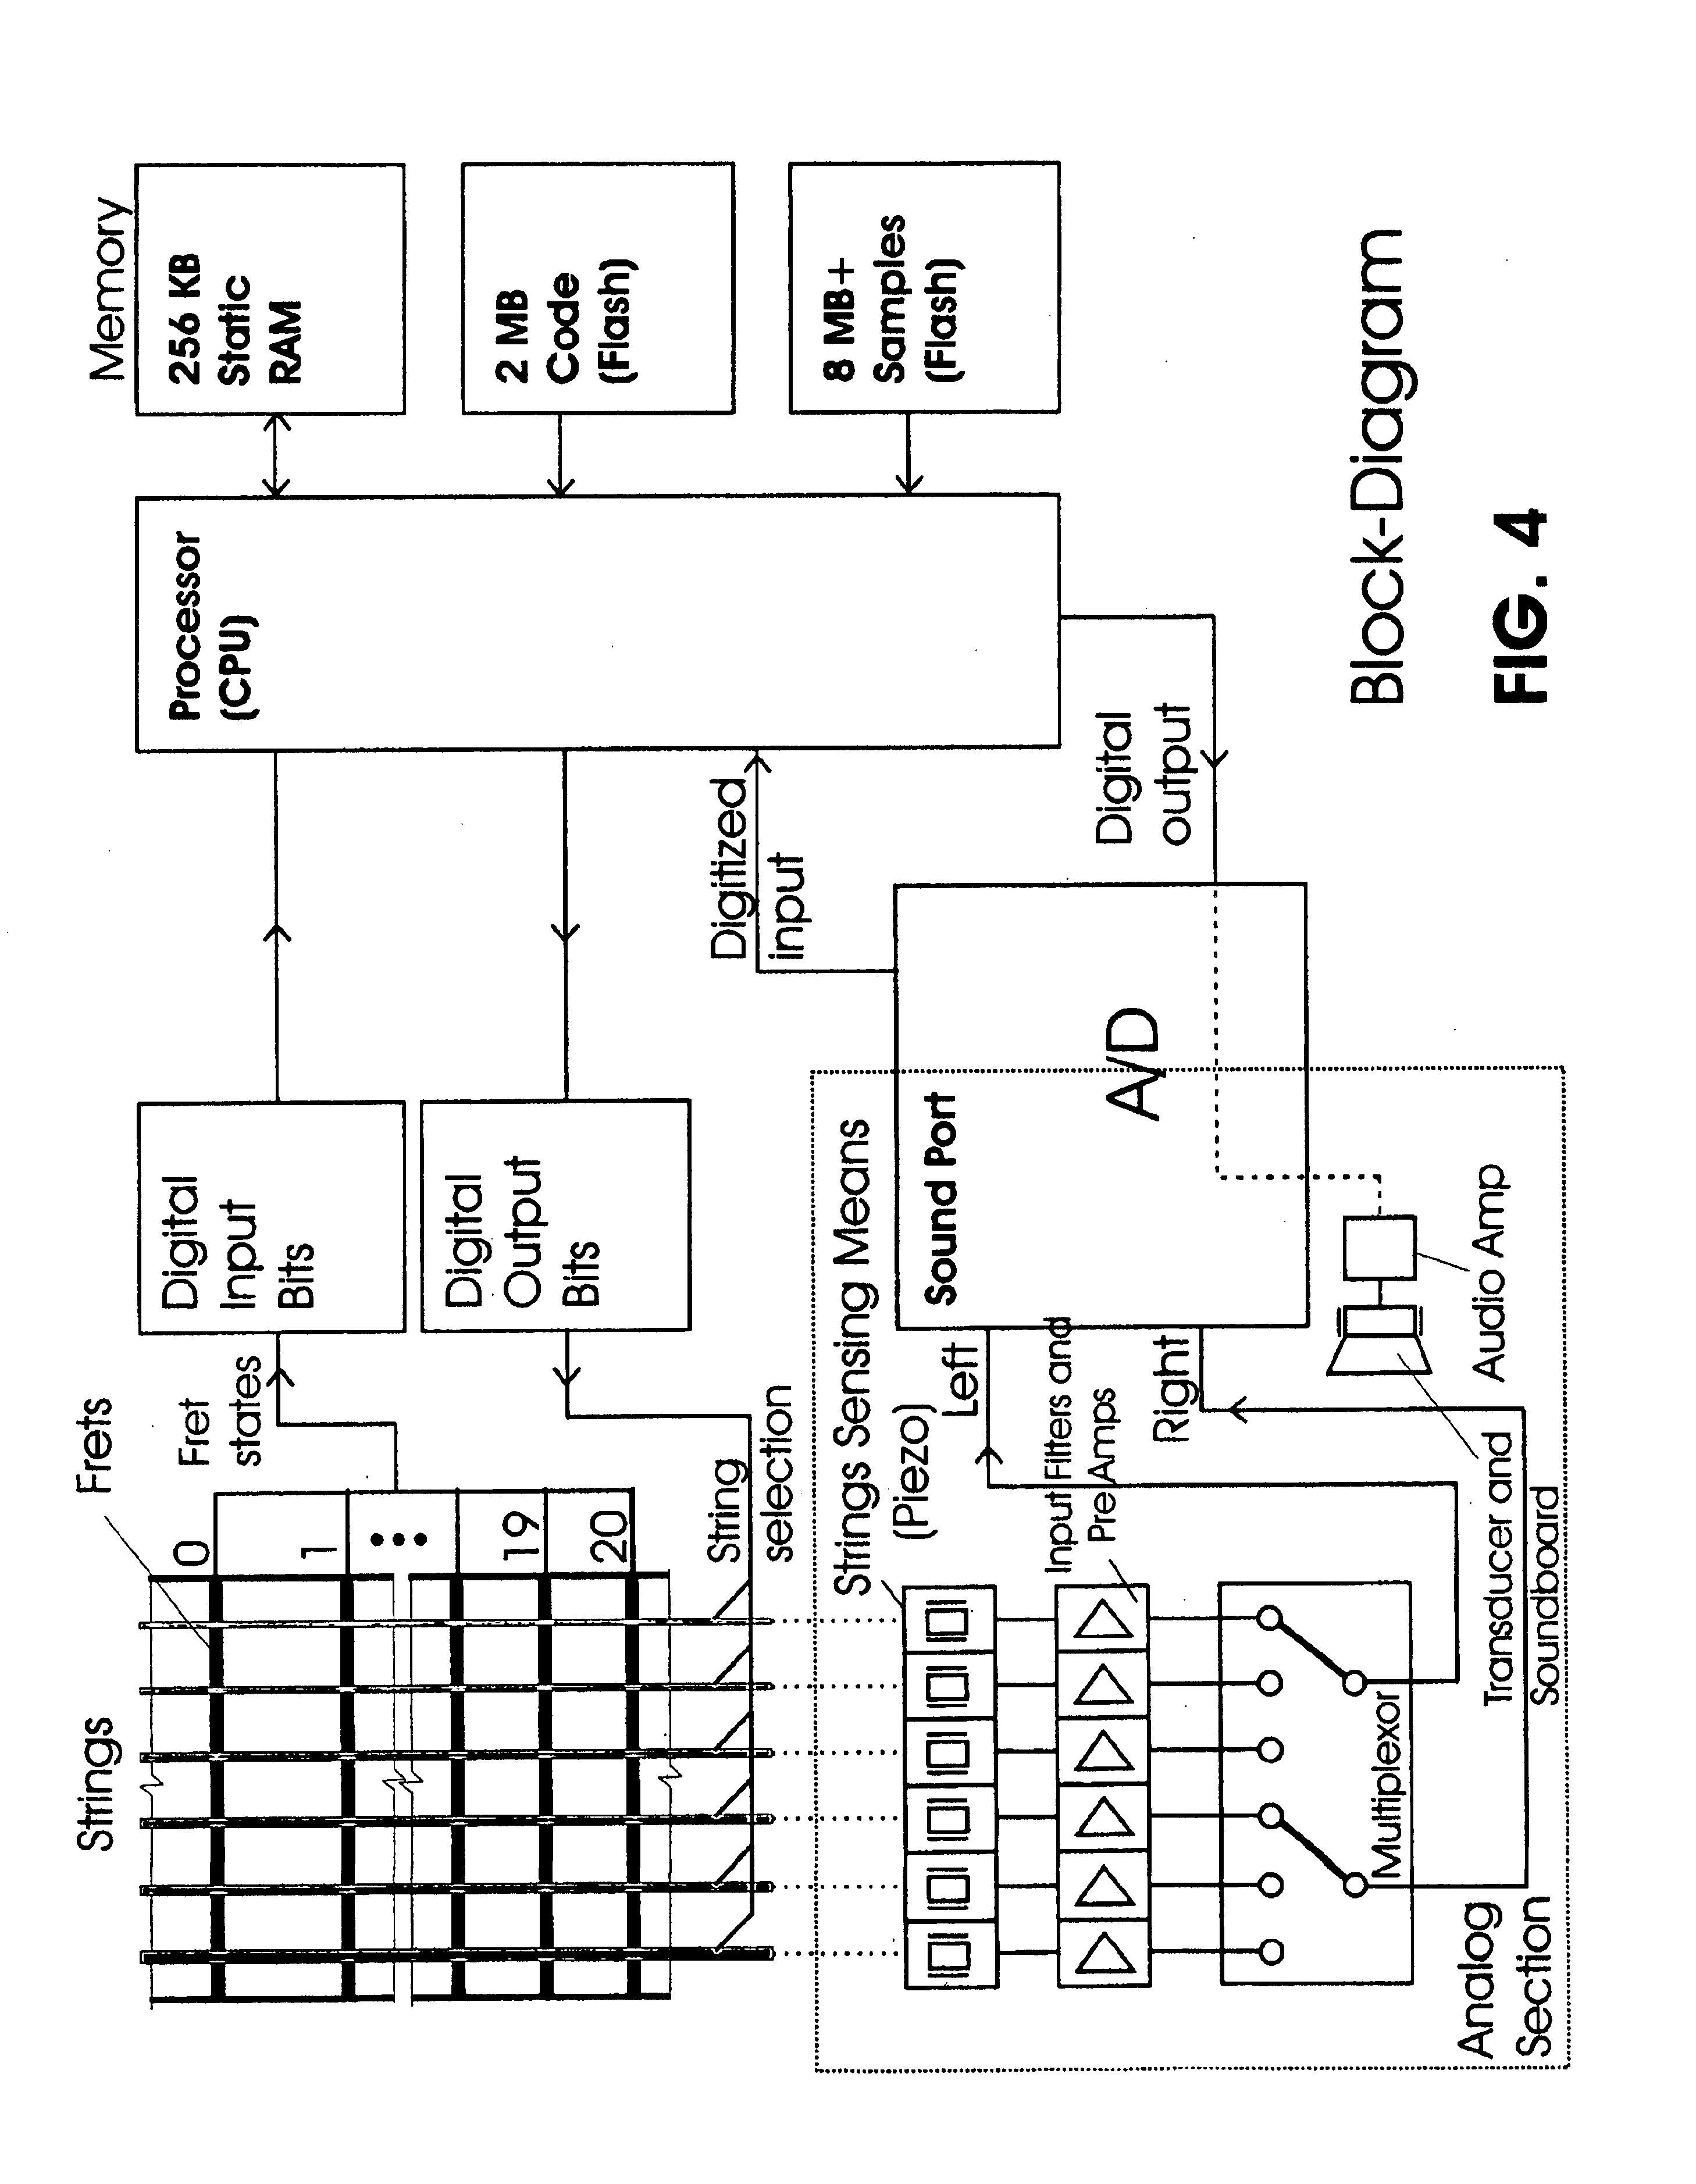 patent us6846980